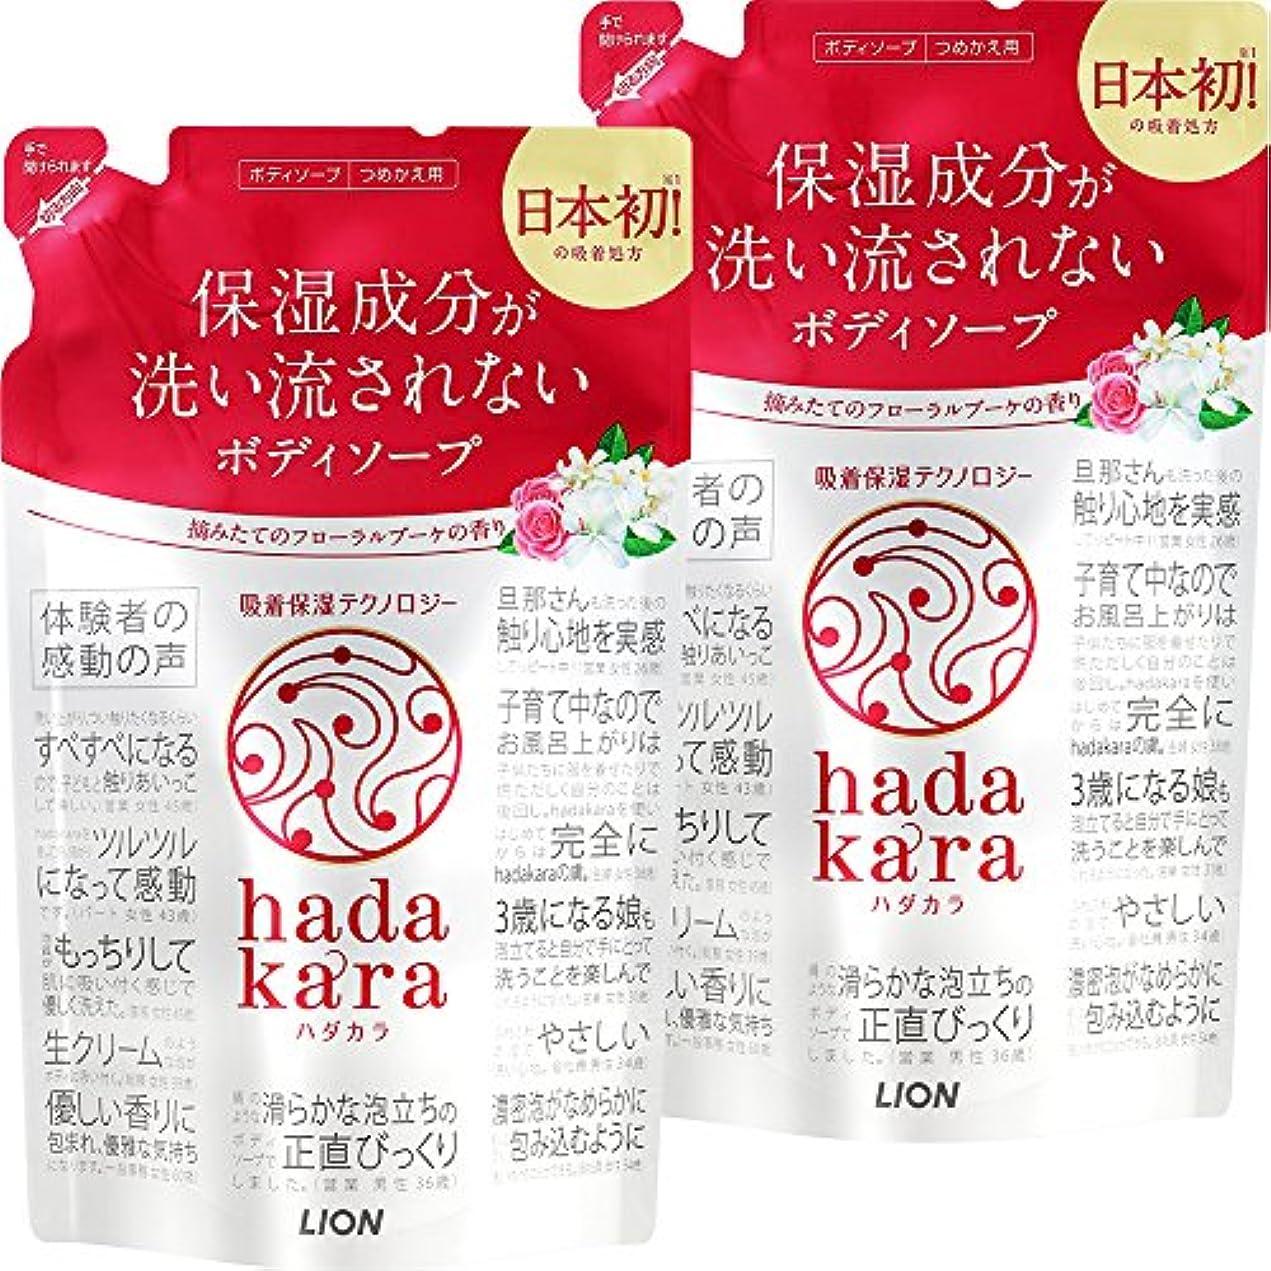 カップ野菜皮【まとめ買い】hadakara(ハダカラ) ボディソープ フローラルブーケの香り 詰め替え 360ml×2個パック